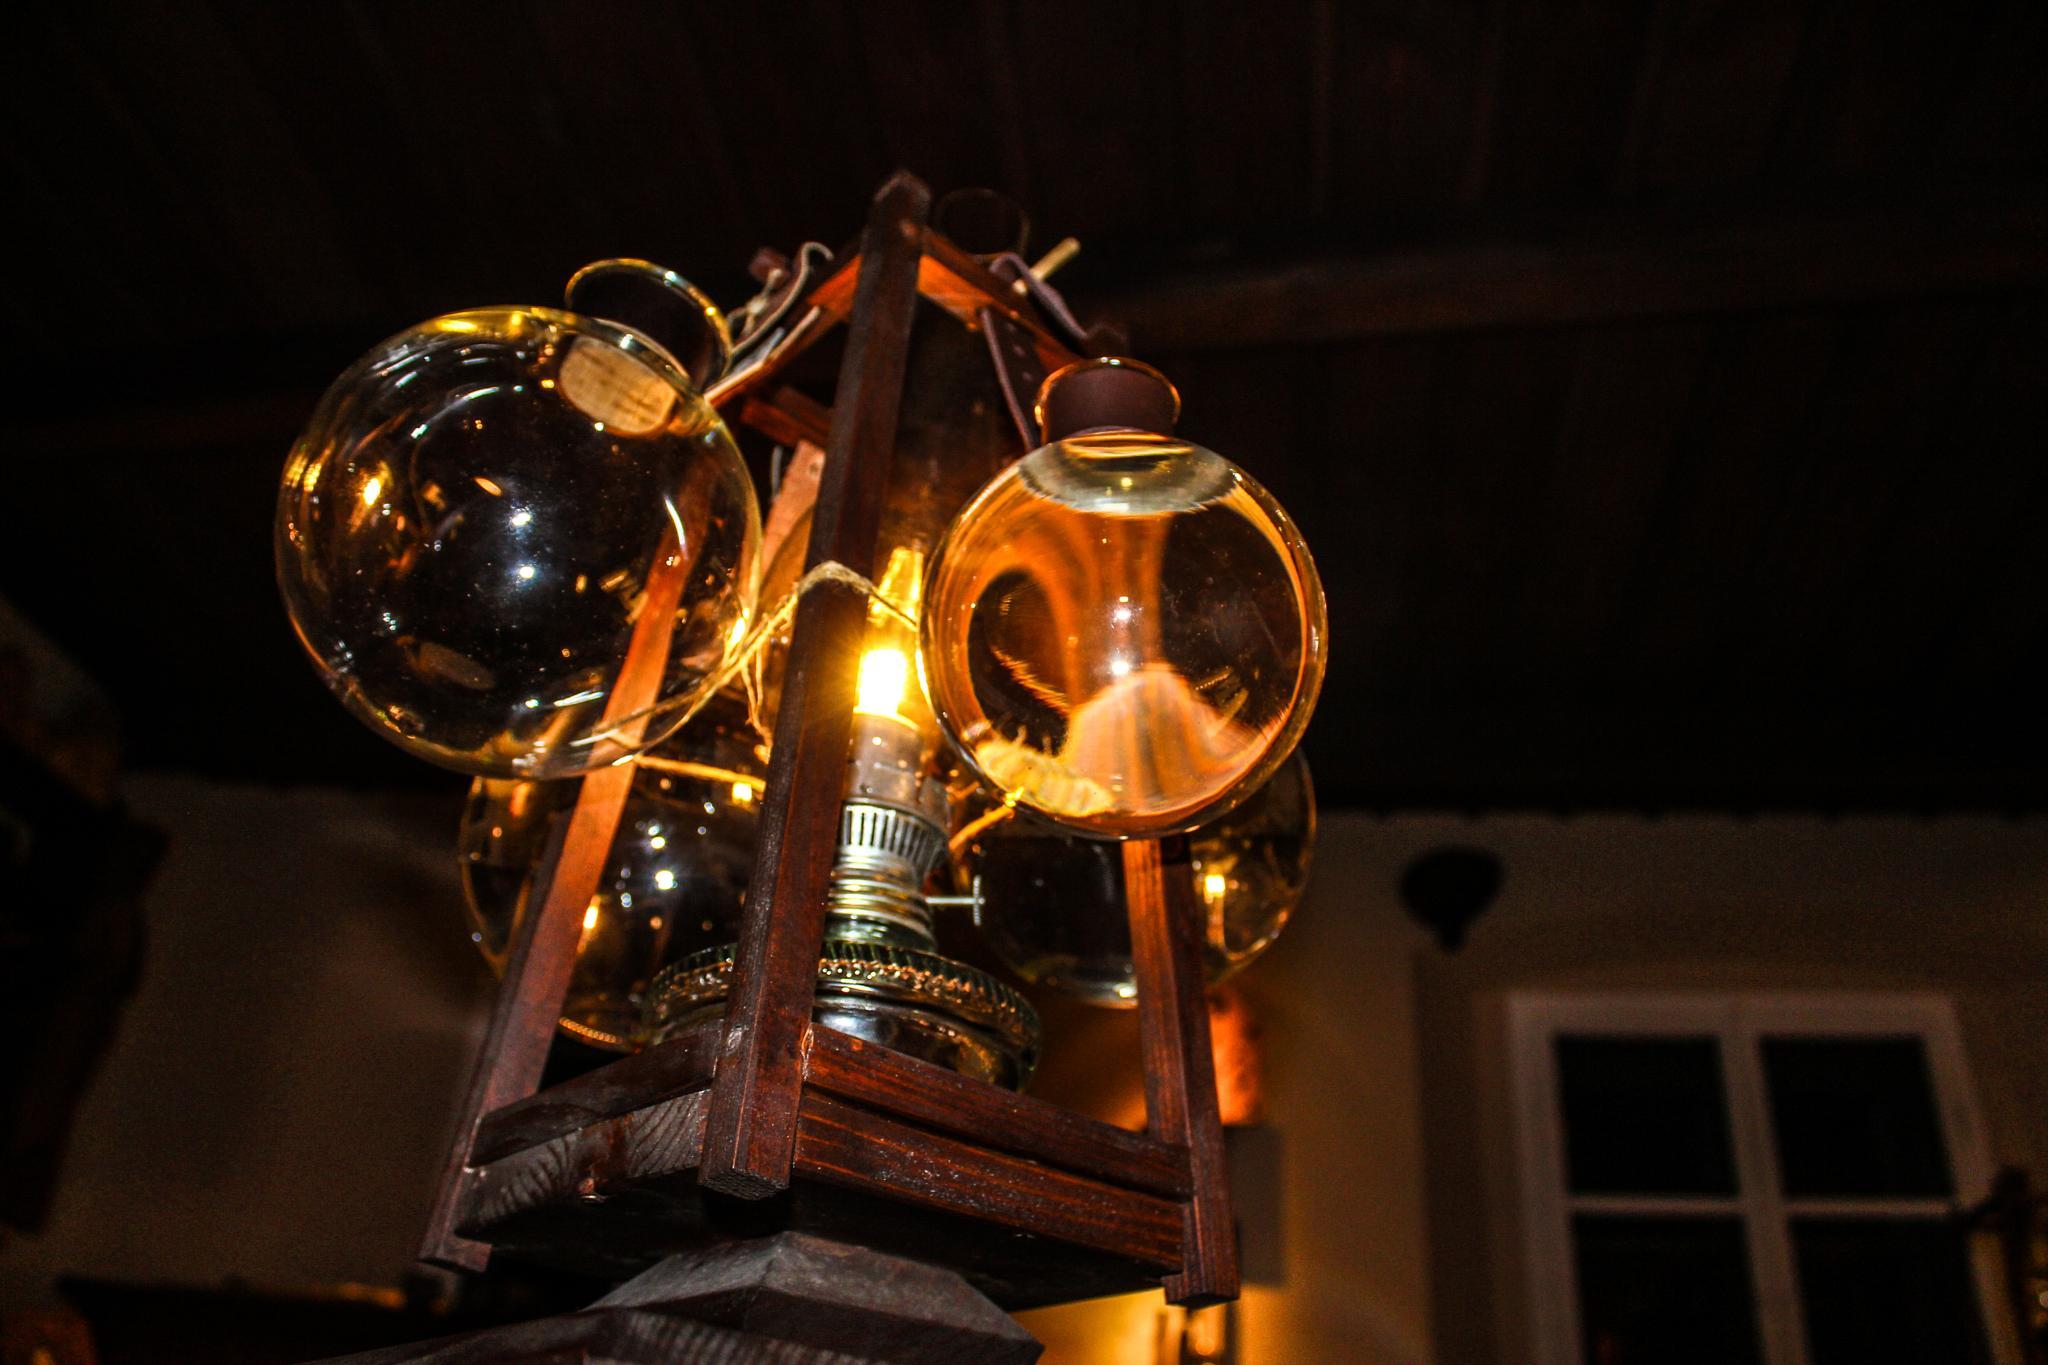 Ancient focused light by Andraž Sodja